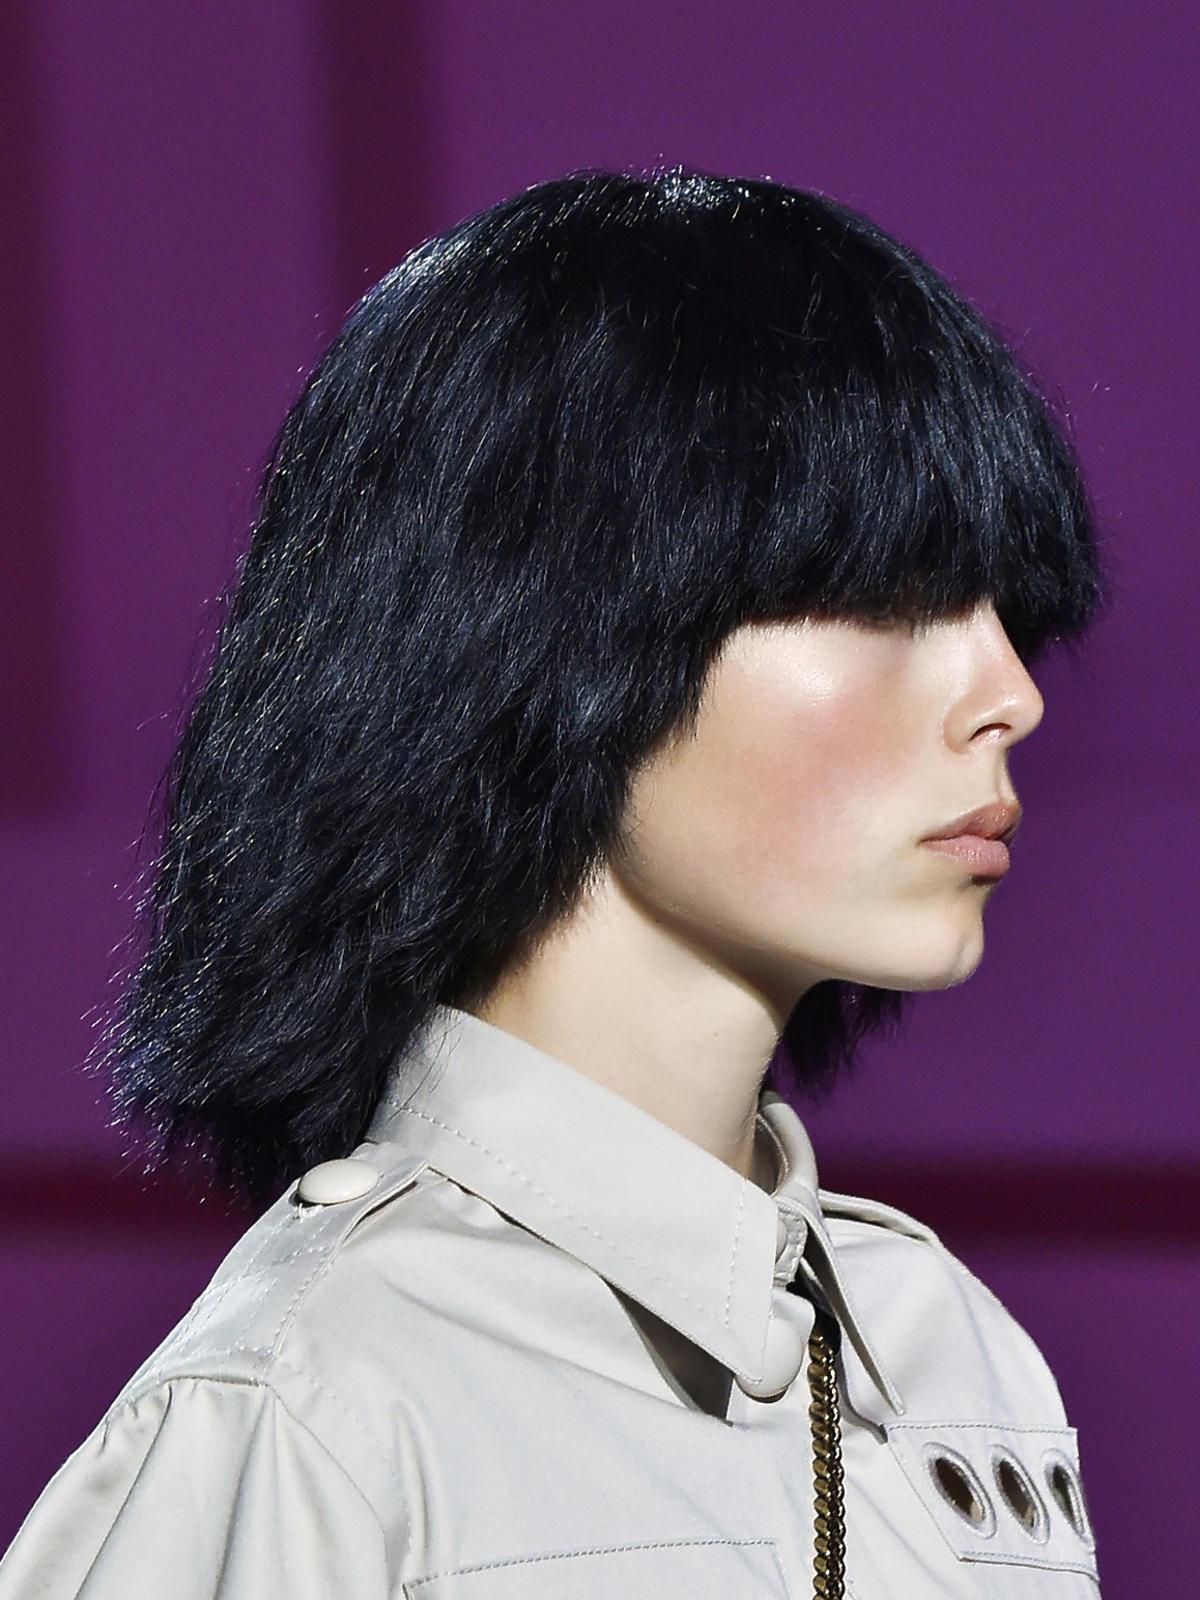 Półdługie włosy z gęstą grzywką na wiosnę 2015, Marc Jacobs